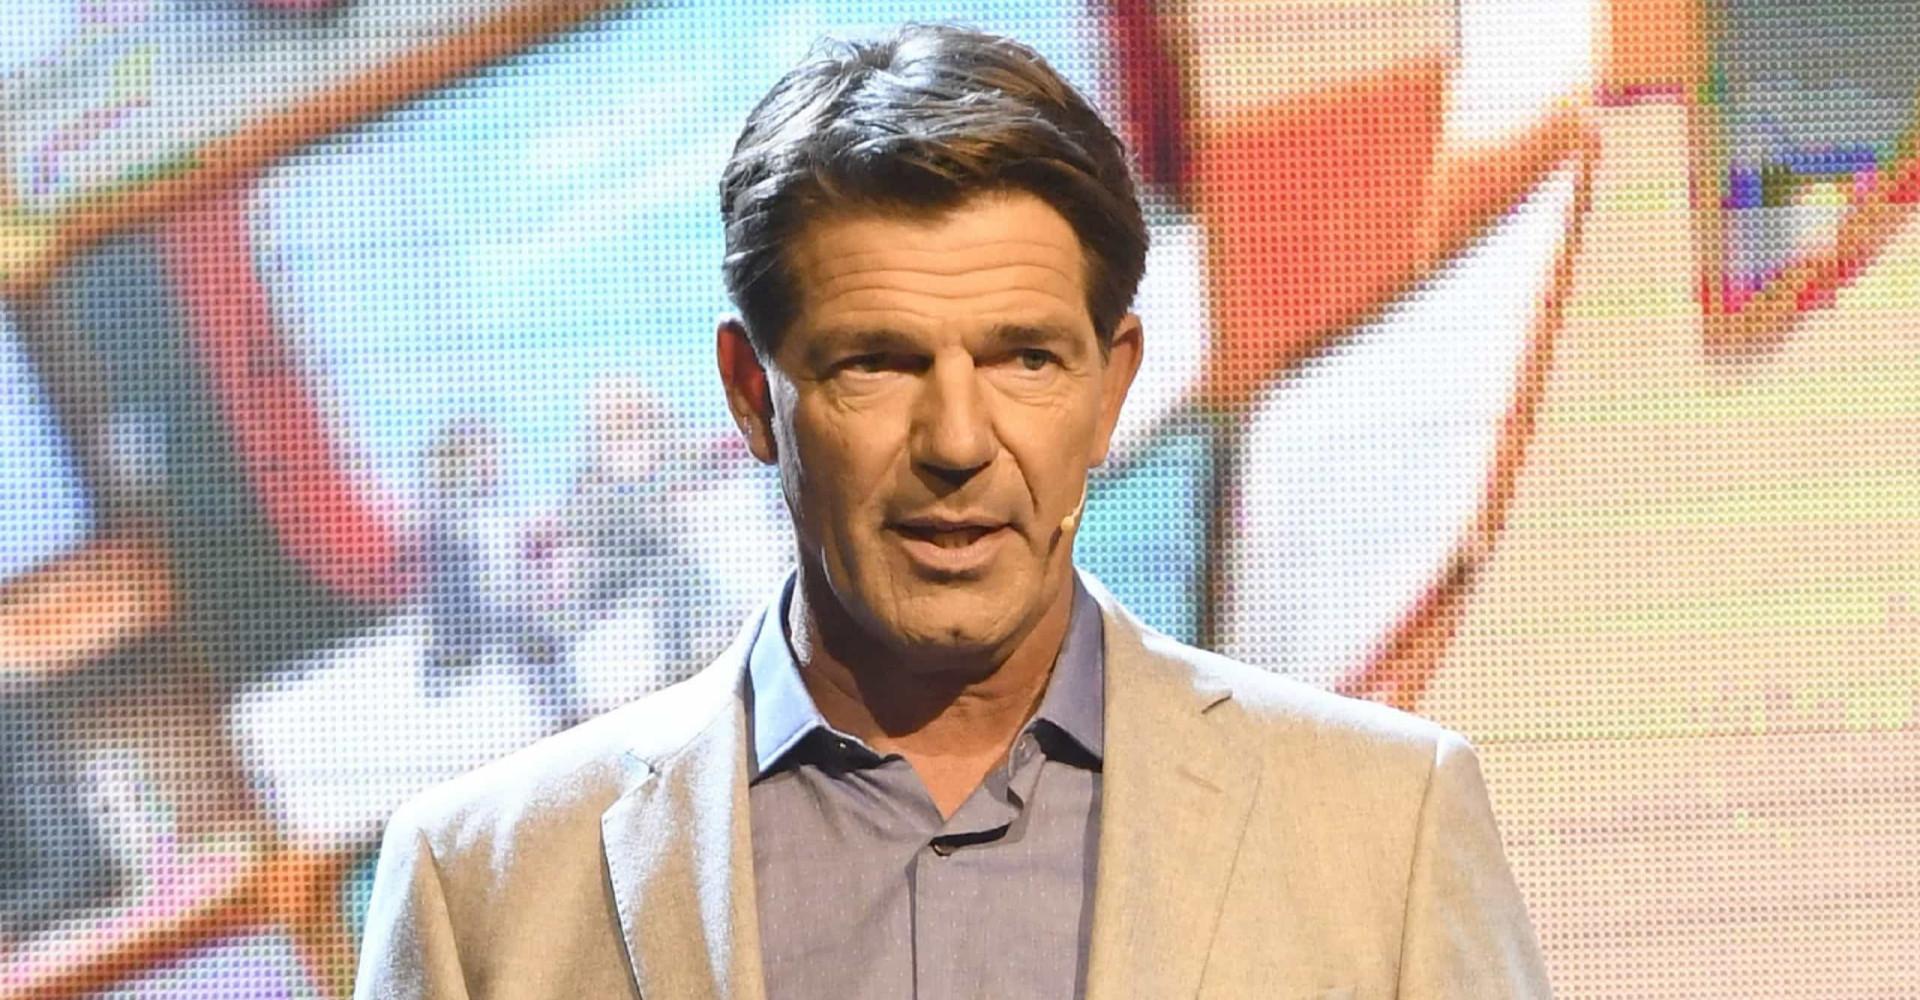 De grootste flops op de Nederlandse televisie